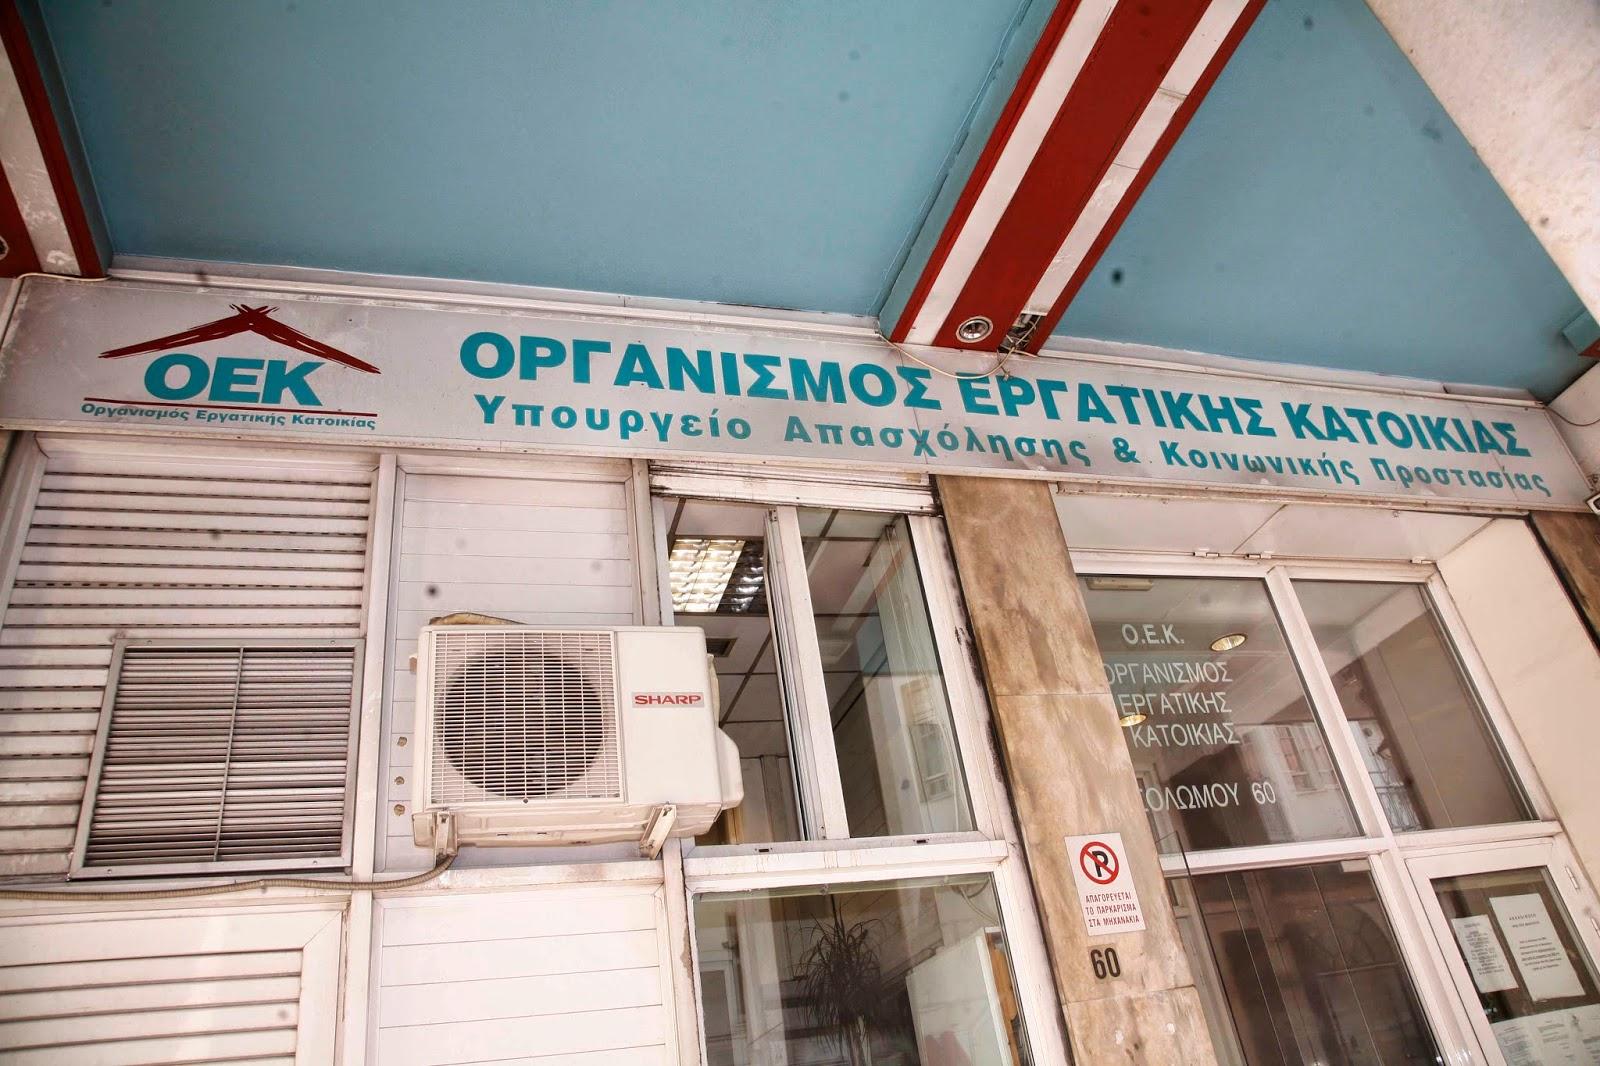 57e6ccc20814 Η ουσιαστική κατάργηση του Οργανισμού Εργατικής Κατοικίας (ΟΕΚ) από το 2012  και η μεταφορά των υπολειμμάτων του στον Οργανισμό Απασχόλησης Εργατικού ...